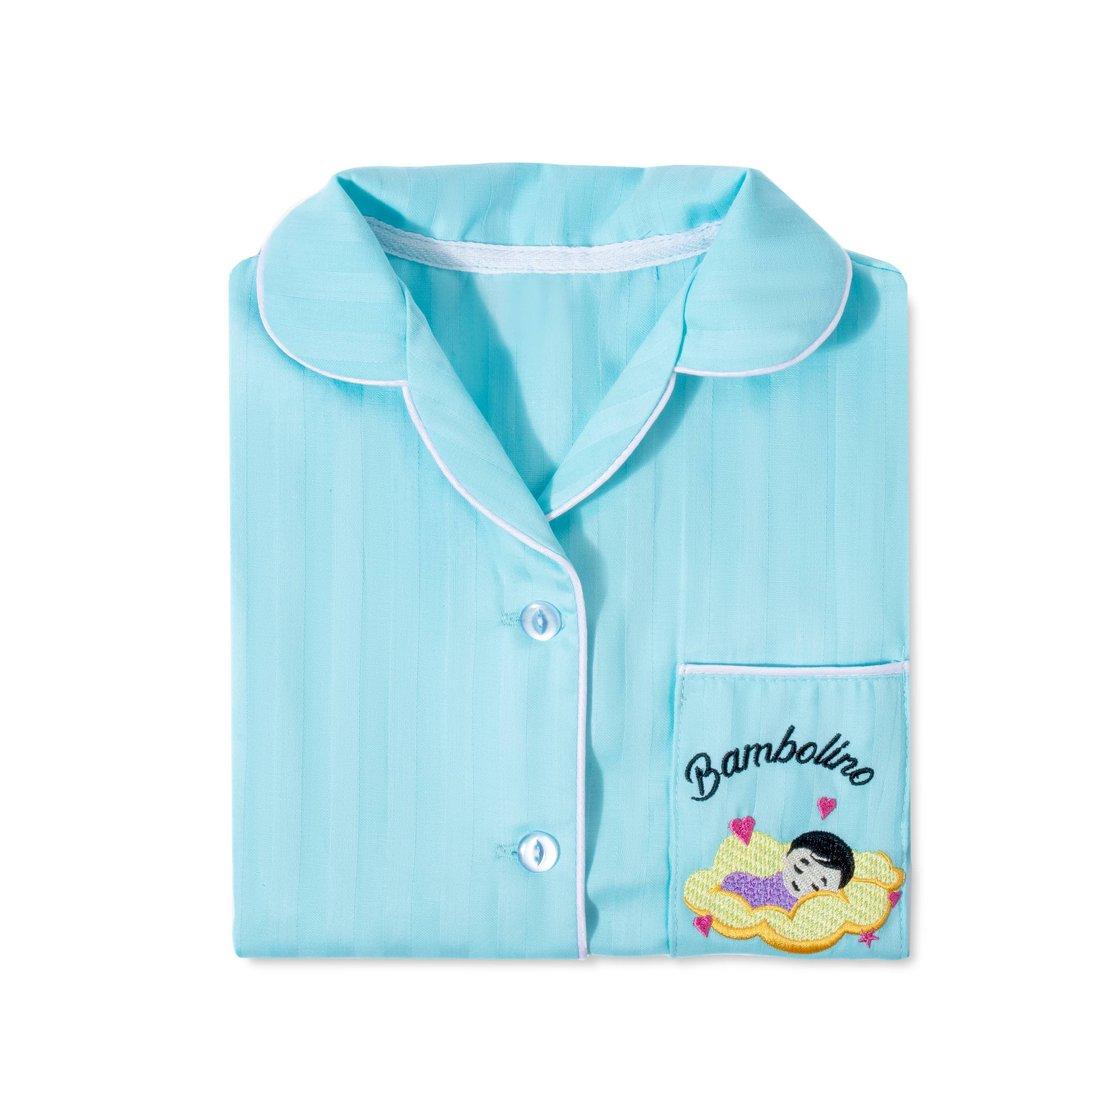 Купить Детская пижама Bambolino, голубая 134, Mixit